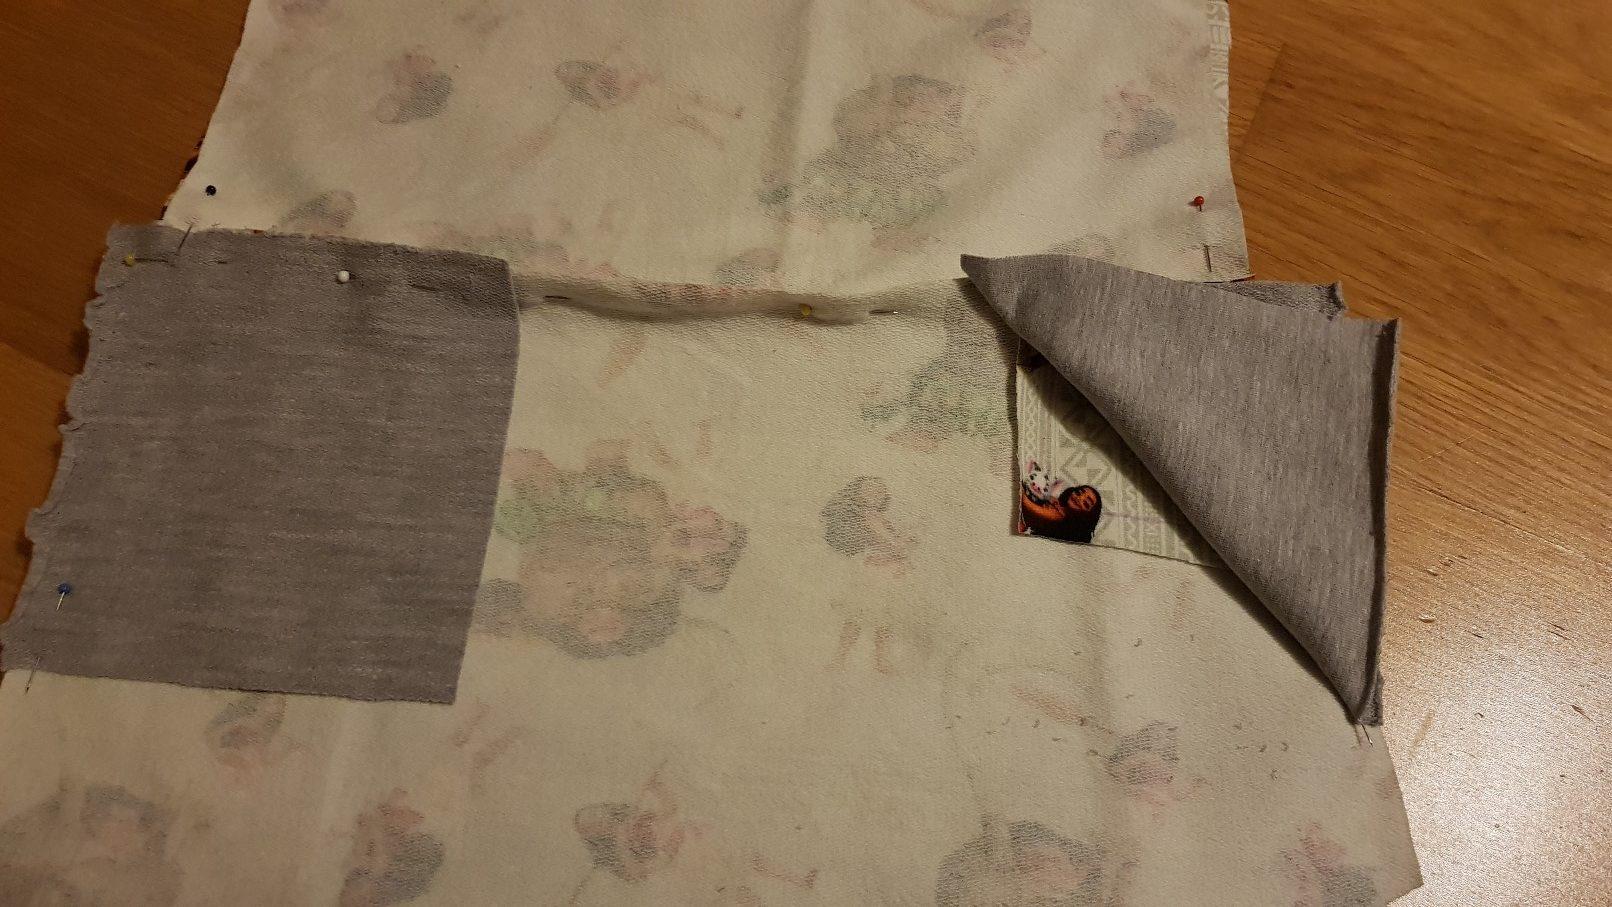 moana vaiana jersey dress pockets pinned 2